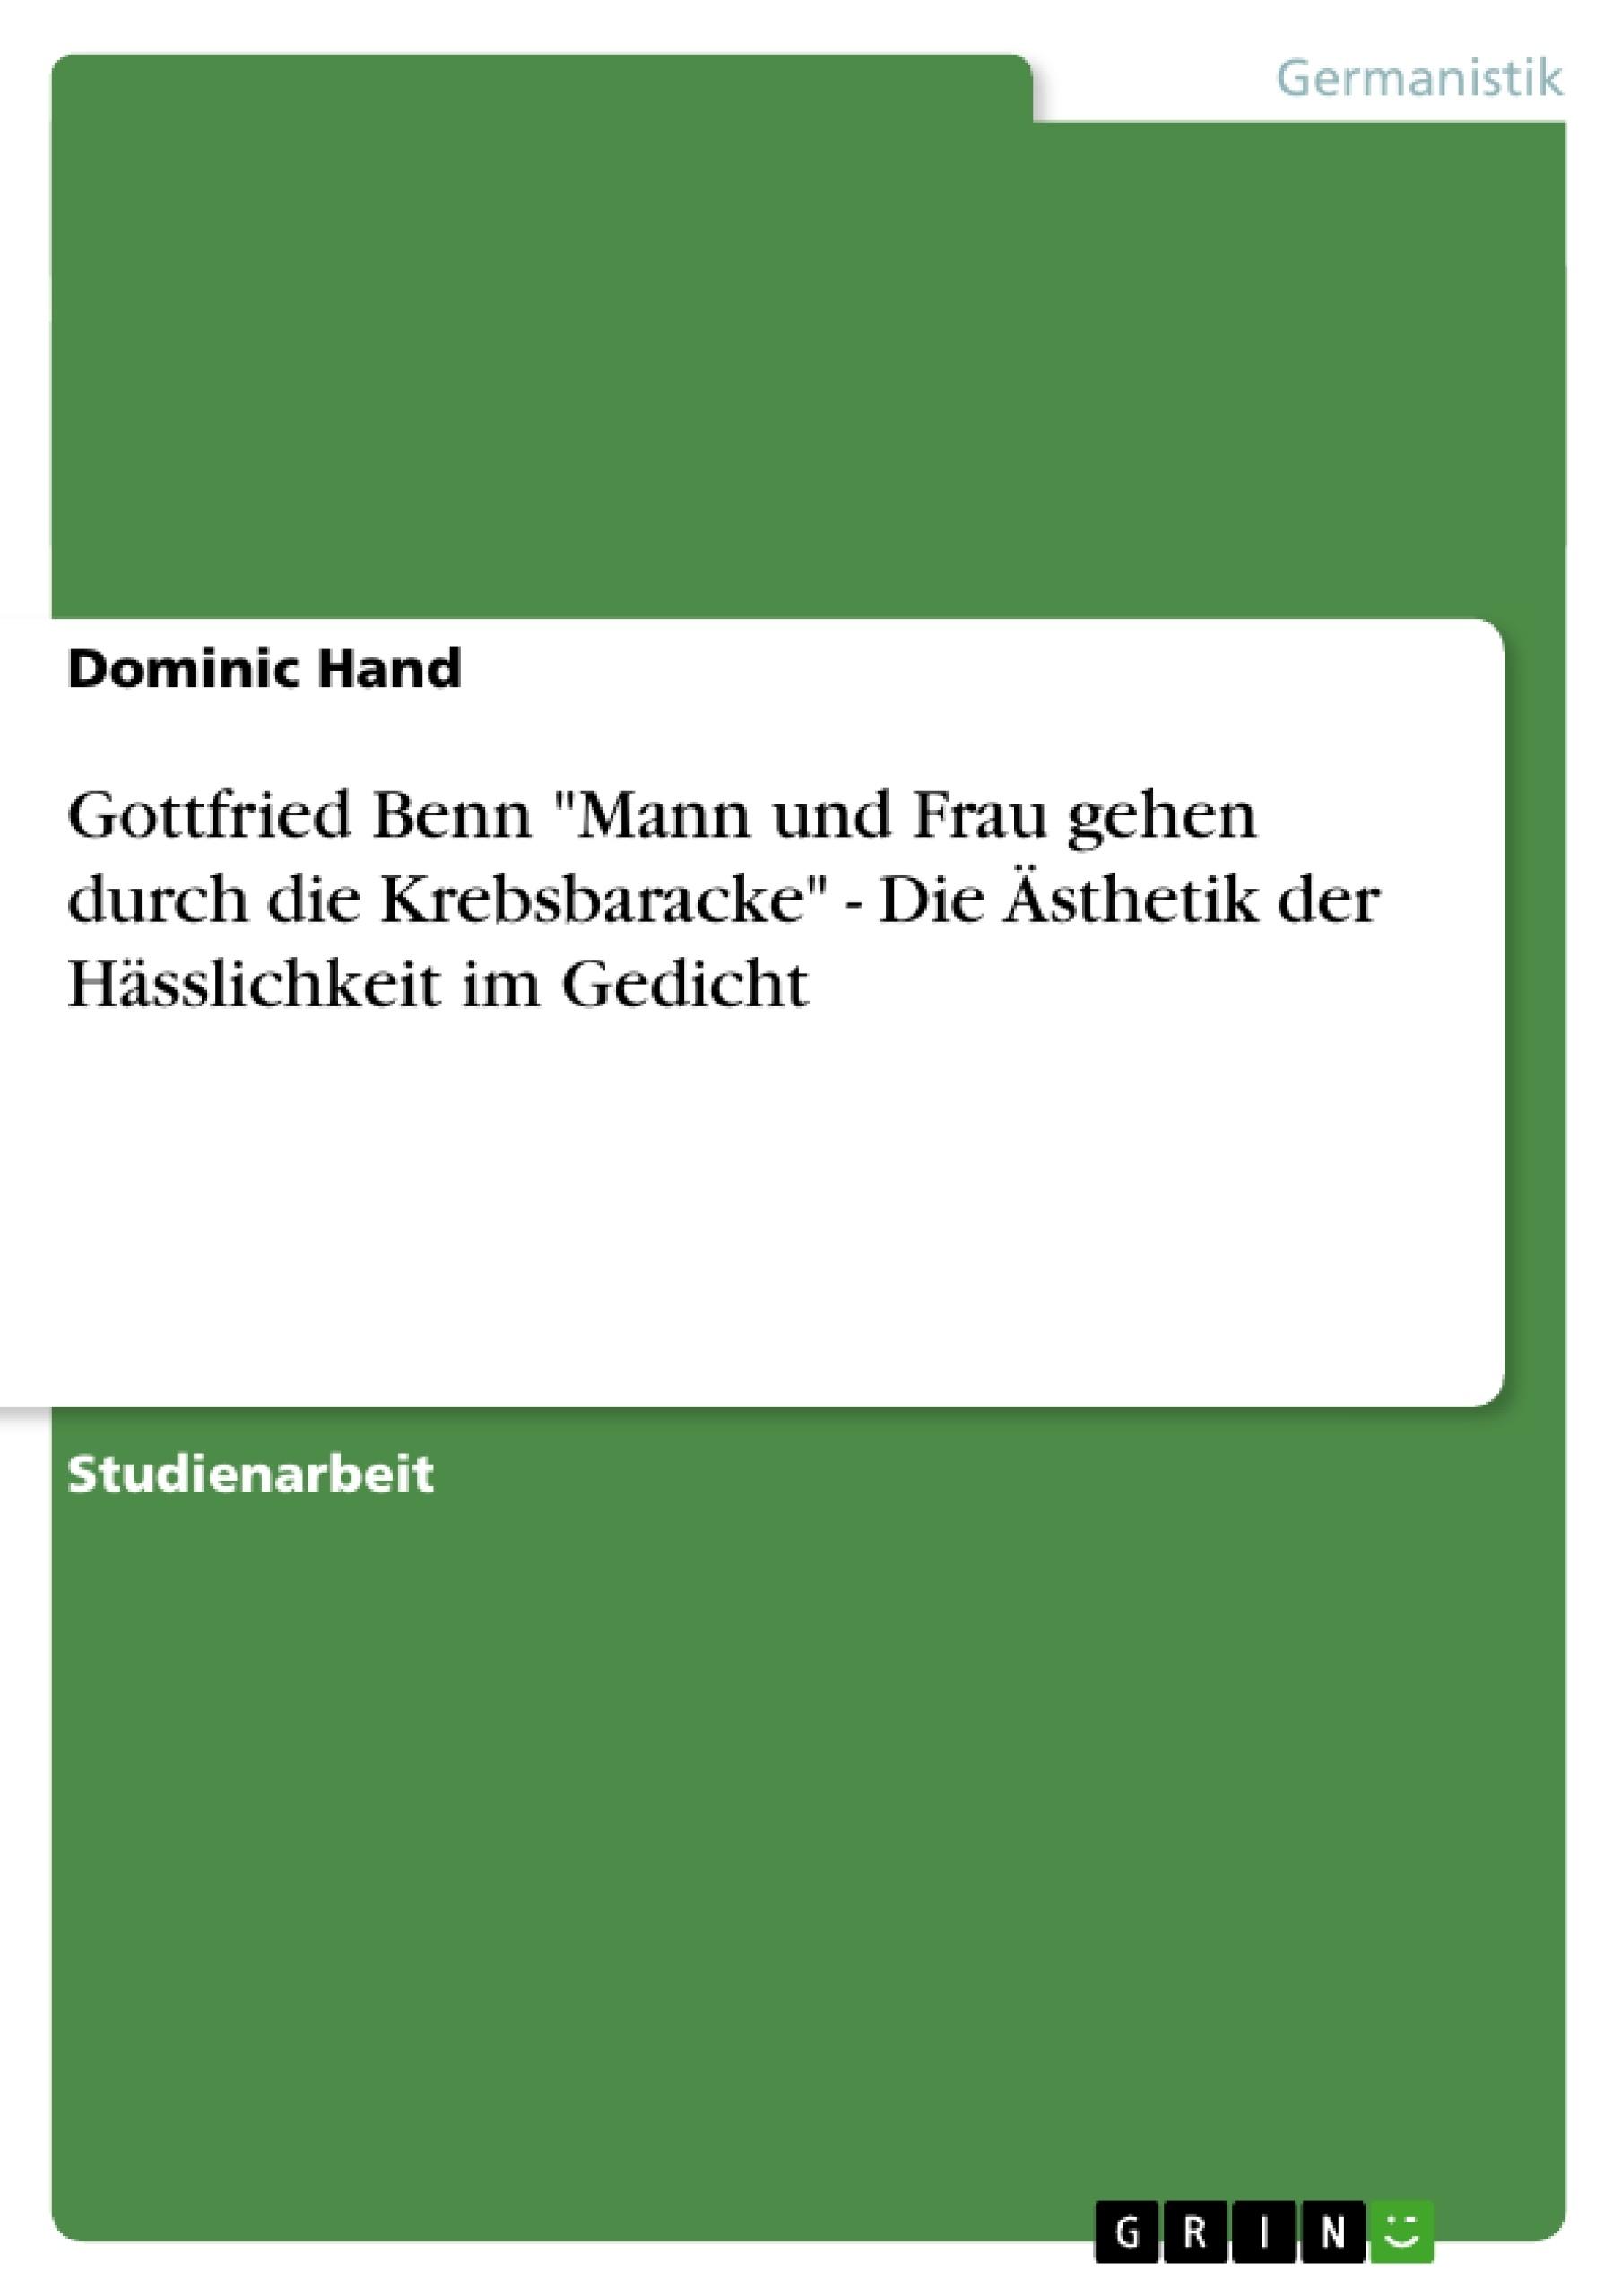 """Titel: Gottfried Benn """"Mann und Frau gehen durch die Krebsbaracke"""" - Die Ästhetik der Hässlichkeit im Gedicht"""